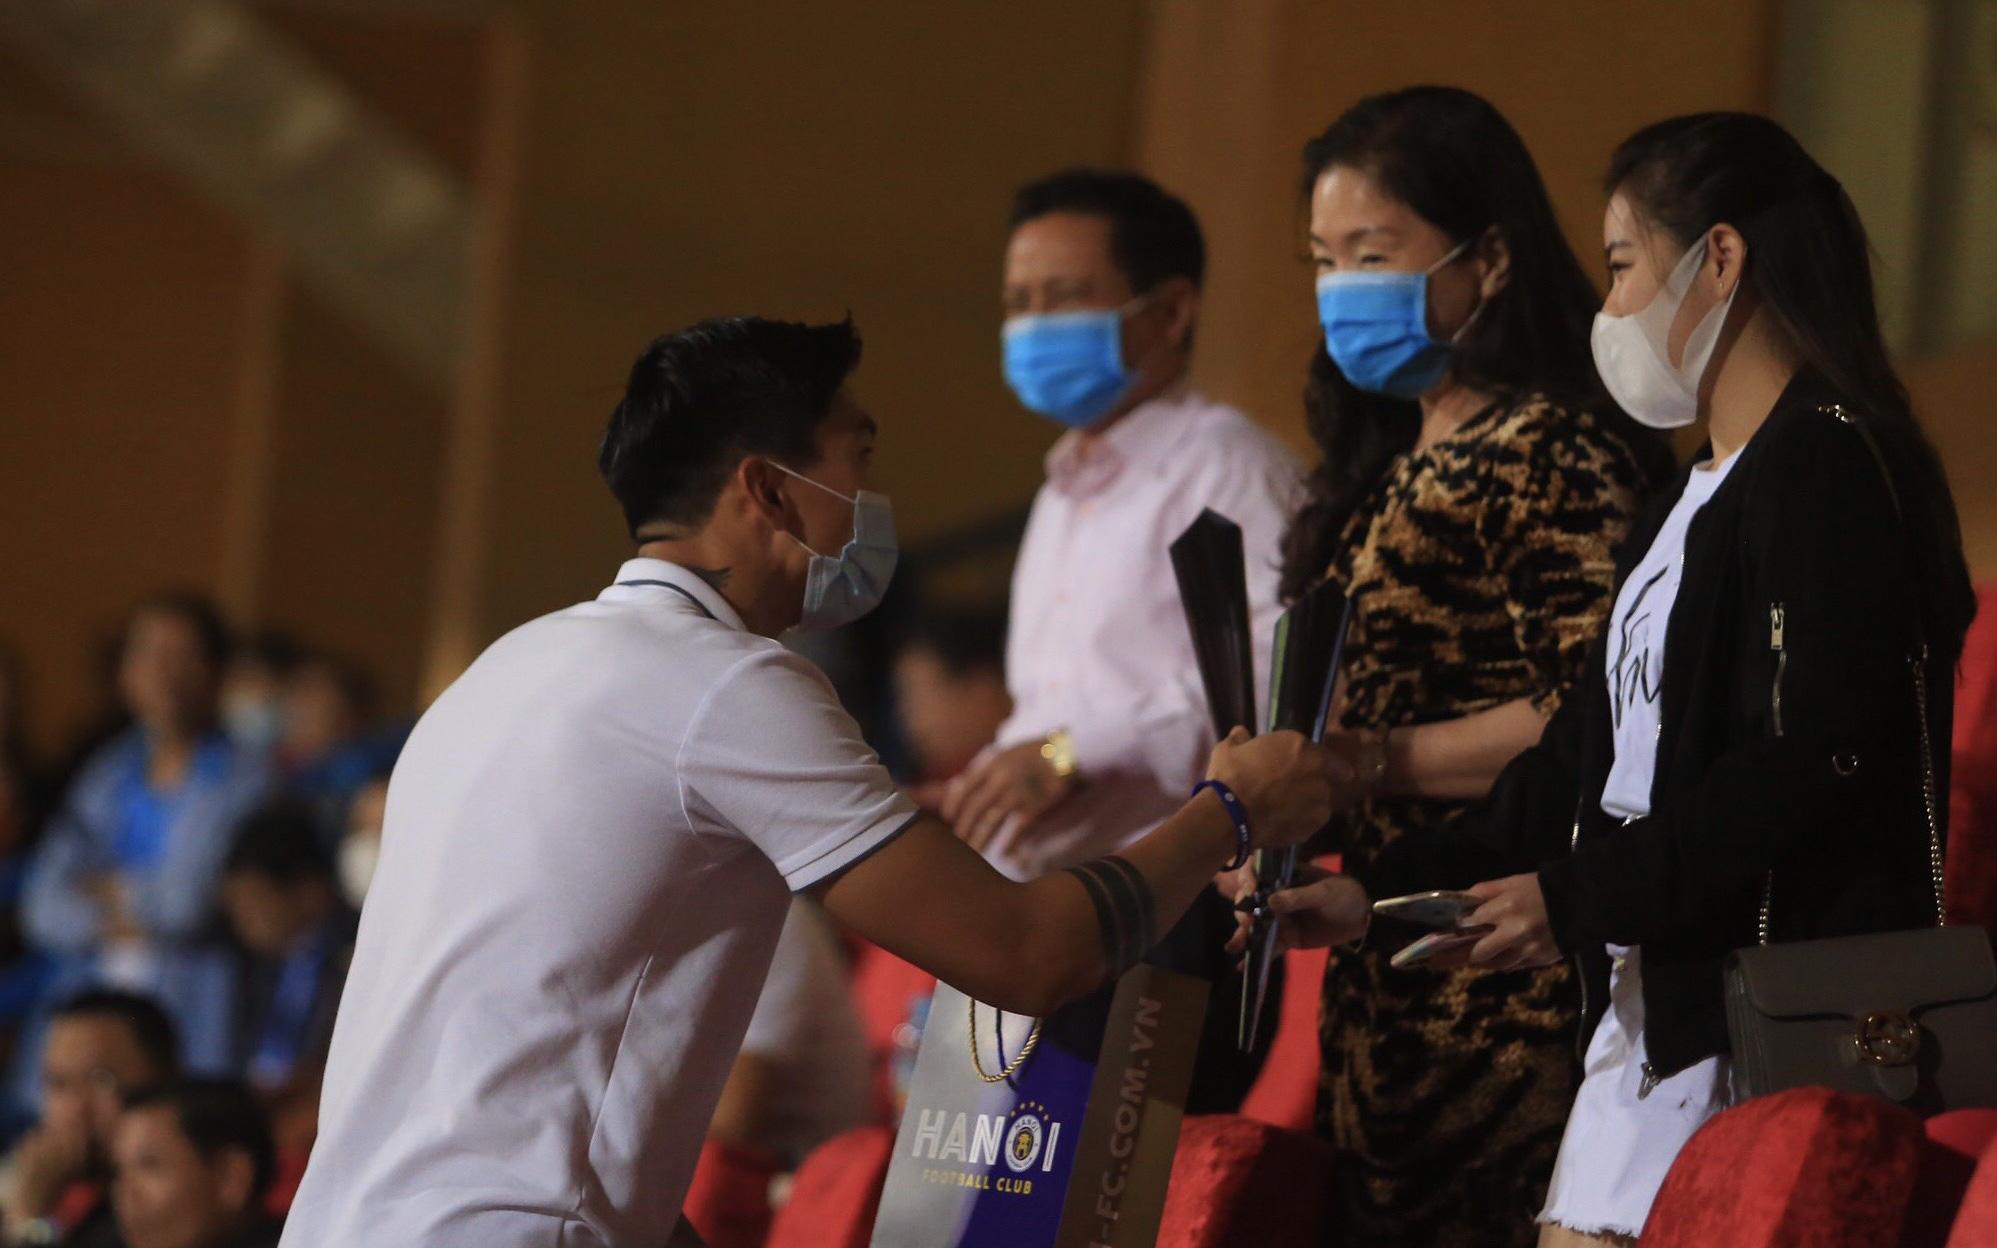 Văn Hậu bất ngờ tặng hoa mẹ Quang Hải trên khán đài nhân ngày 20/10